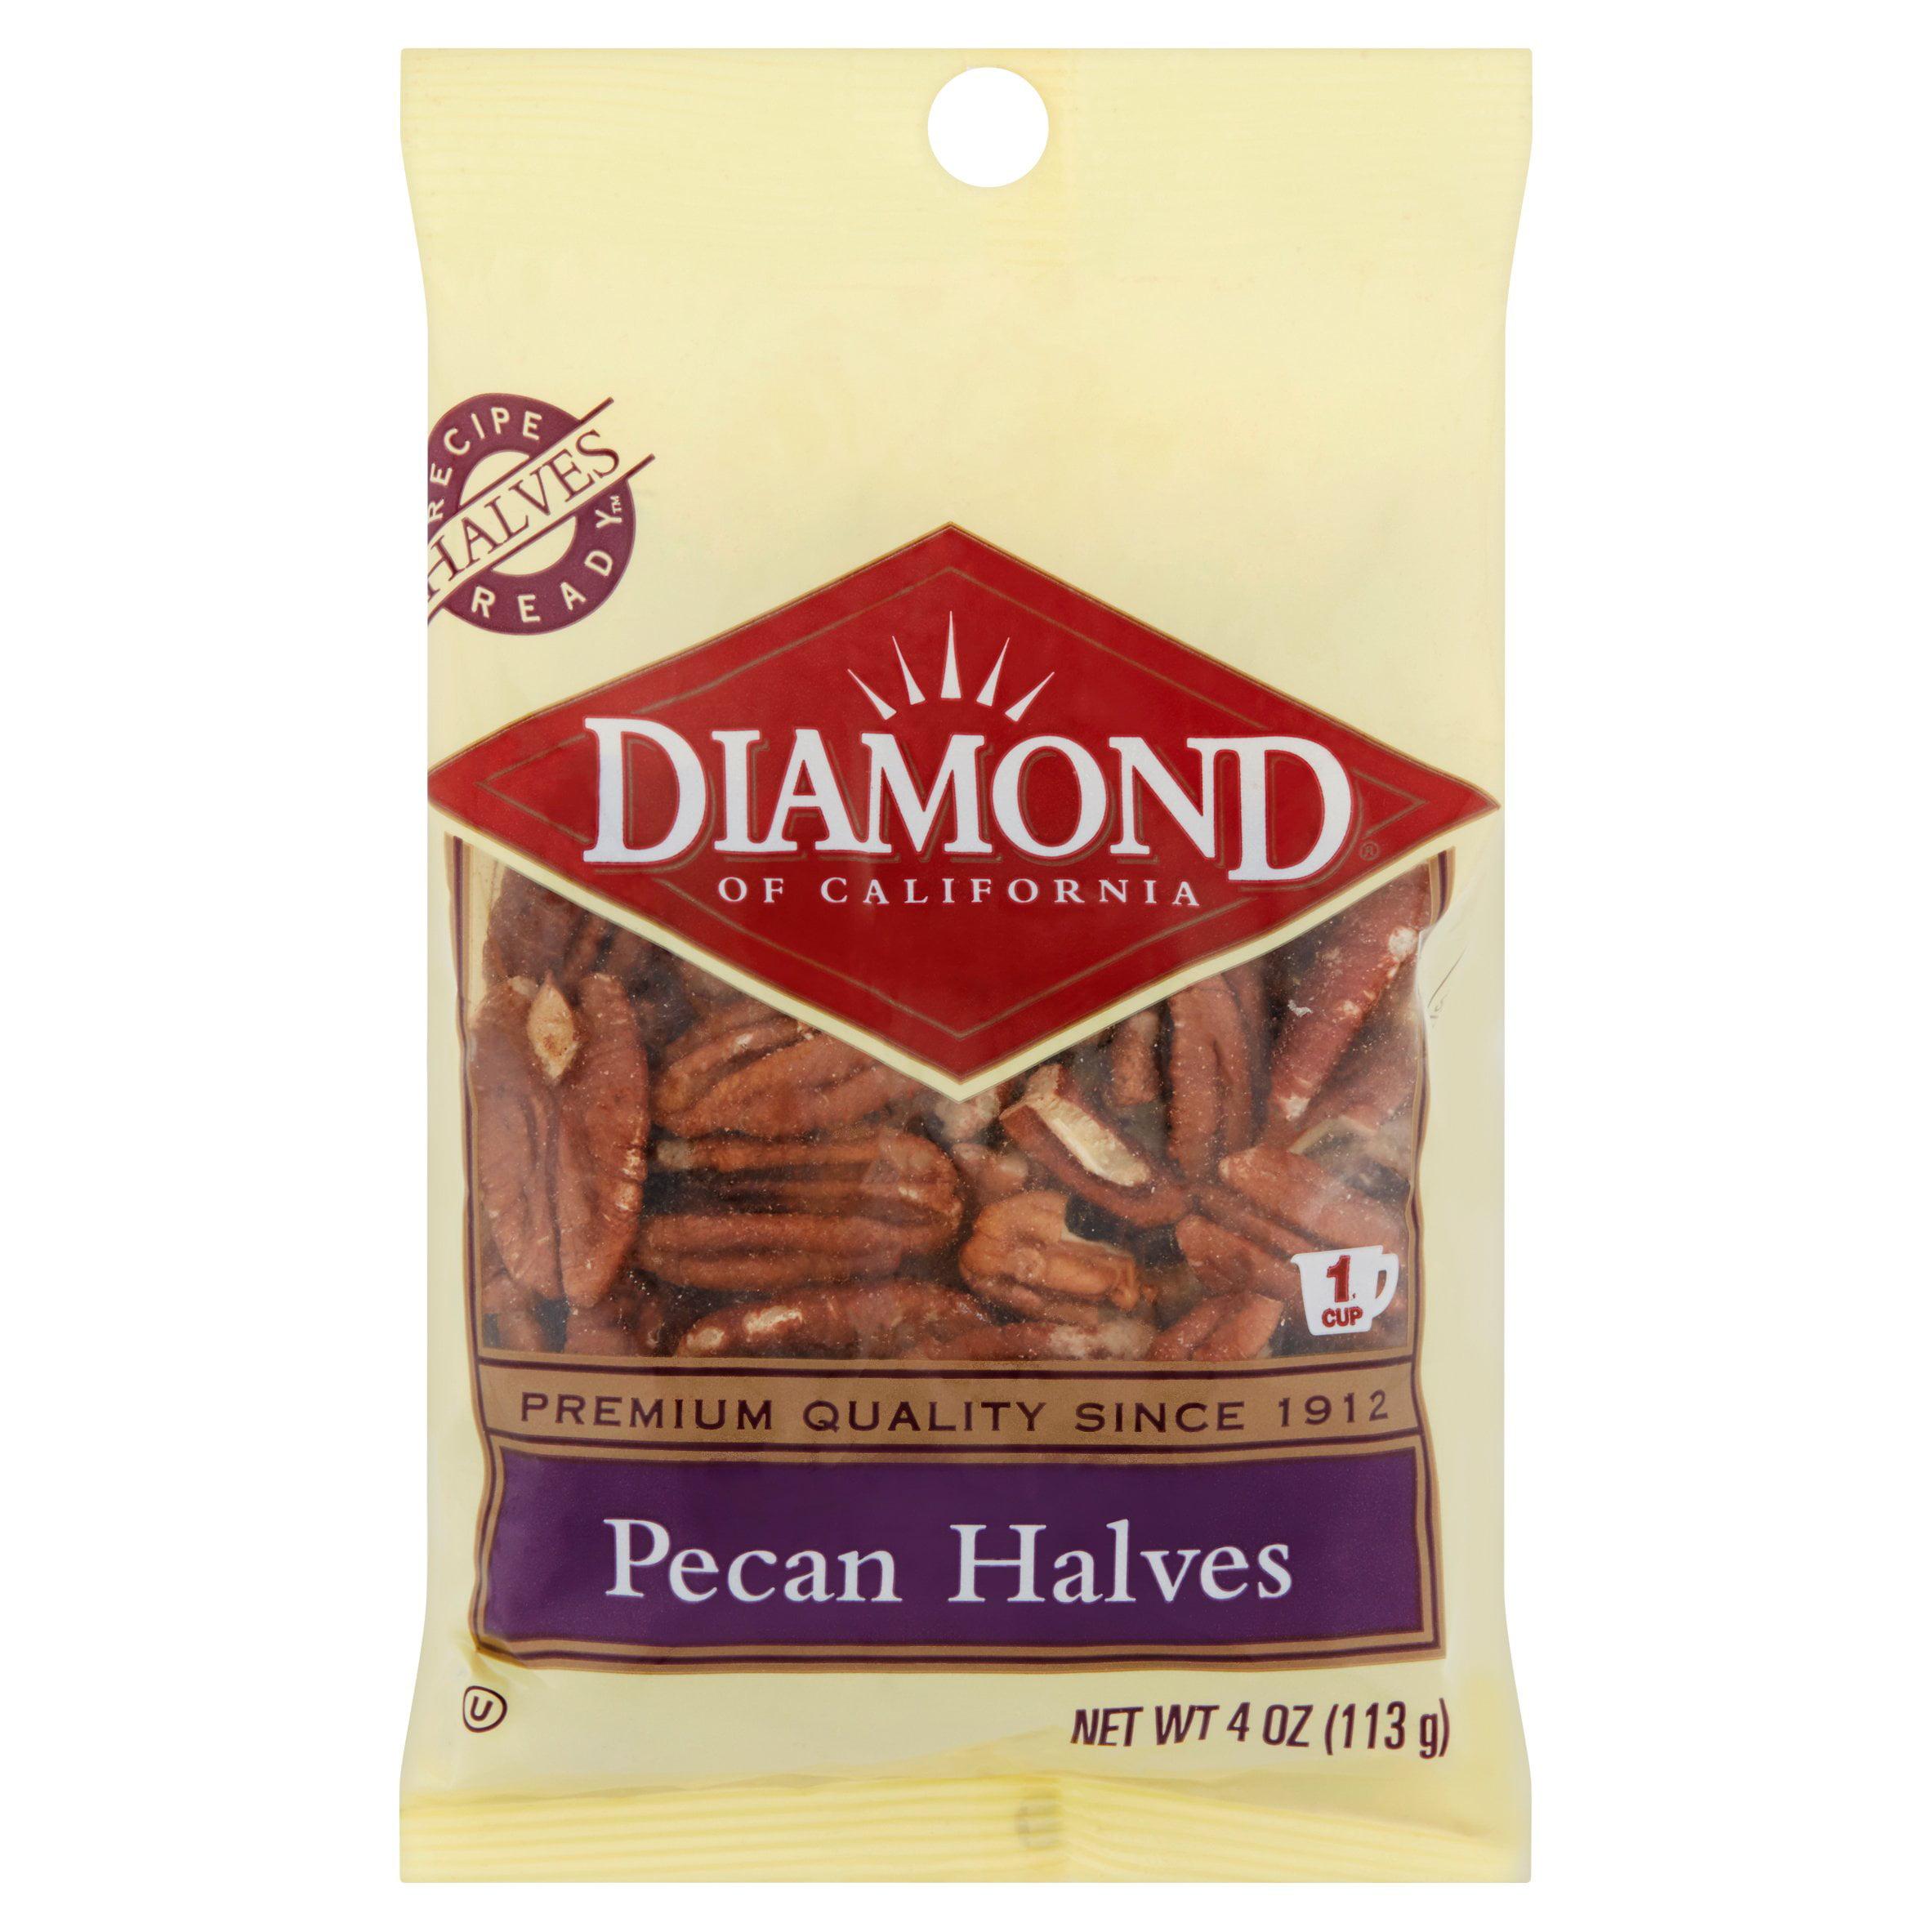 Diamond of California Pecan Halves, 4 oz by Diamond Foods, Inc.